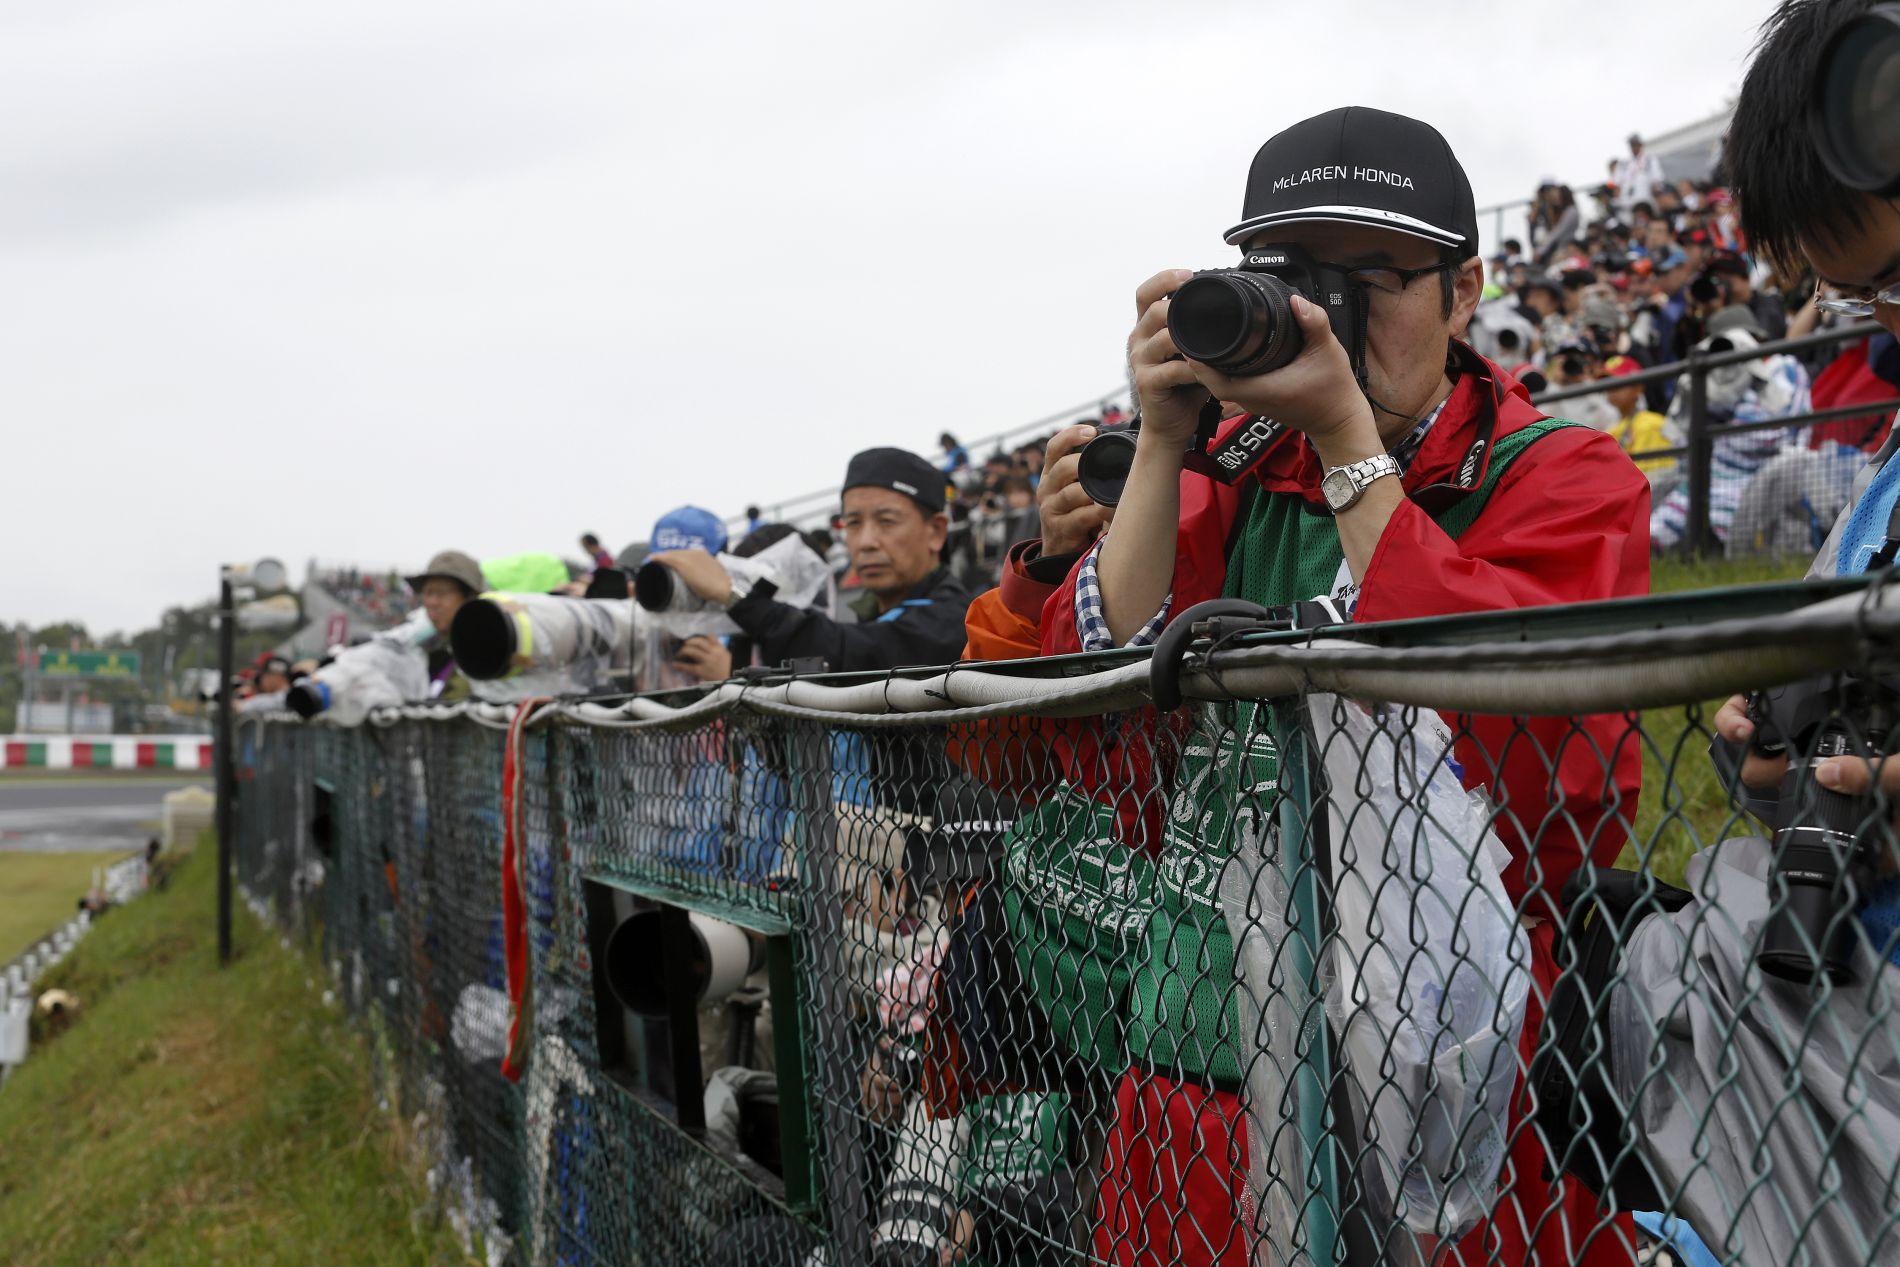 Óriási lemaradásban van az F1: a tévé idejétmúlt, digitális platformok kellenek